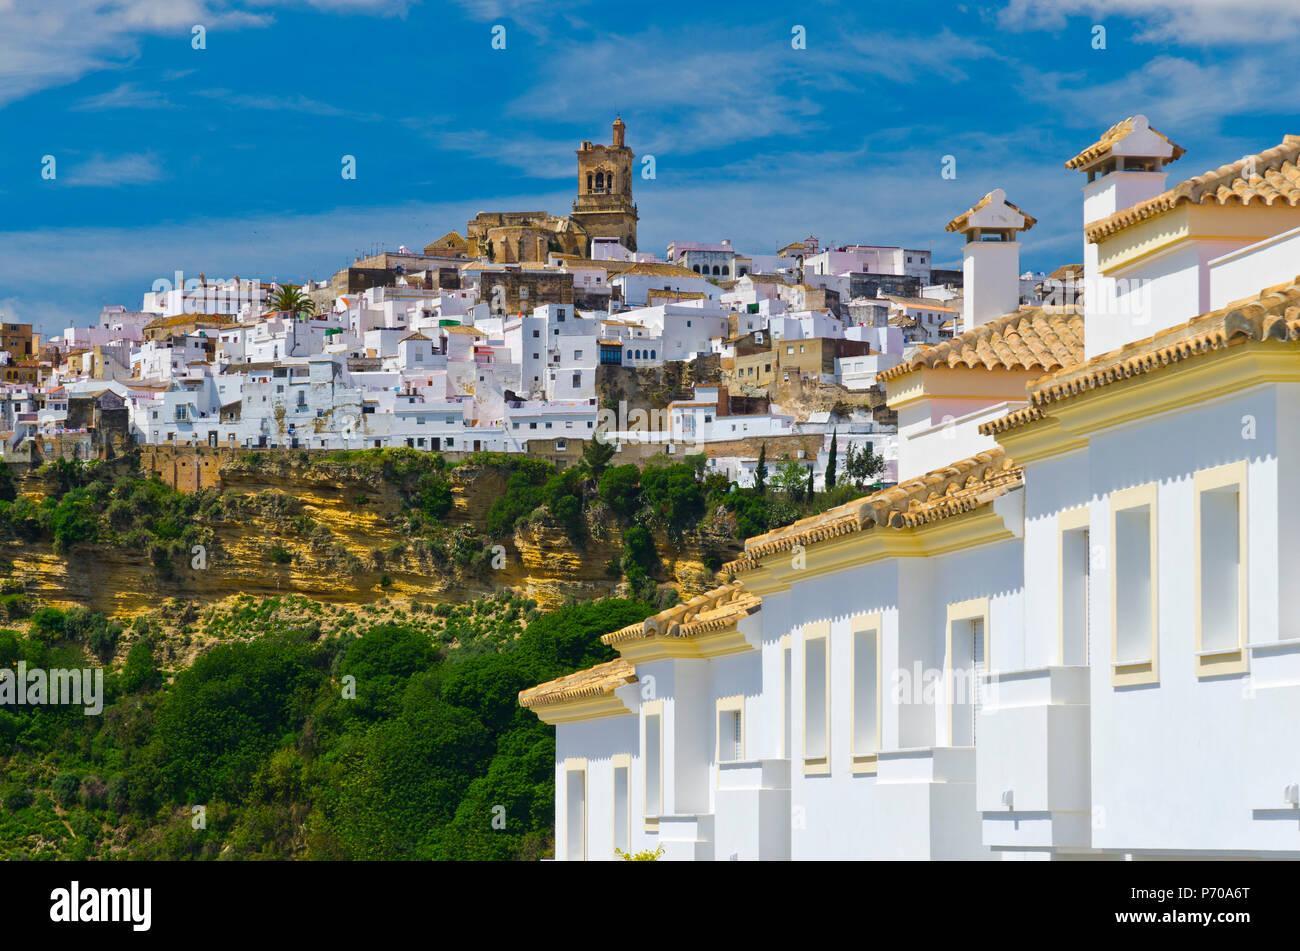 Spanien, Andalusien, Provinz Cadiz, Arcos de la Frontera, ein Pueblo Blanco, weißen Dorf Stockbild